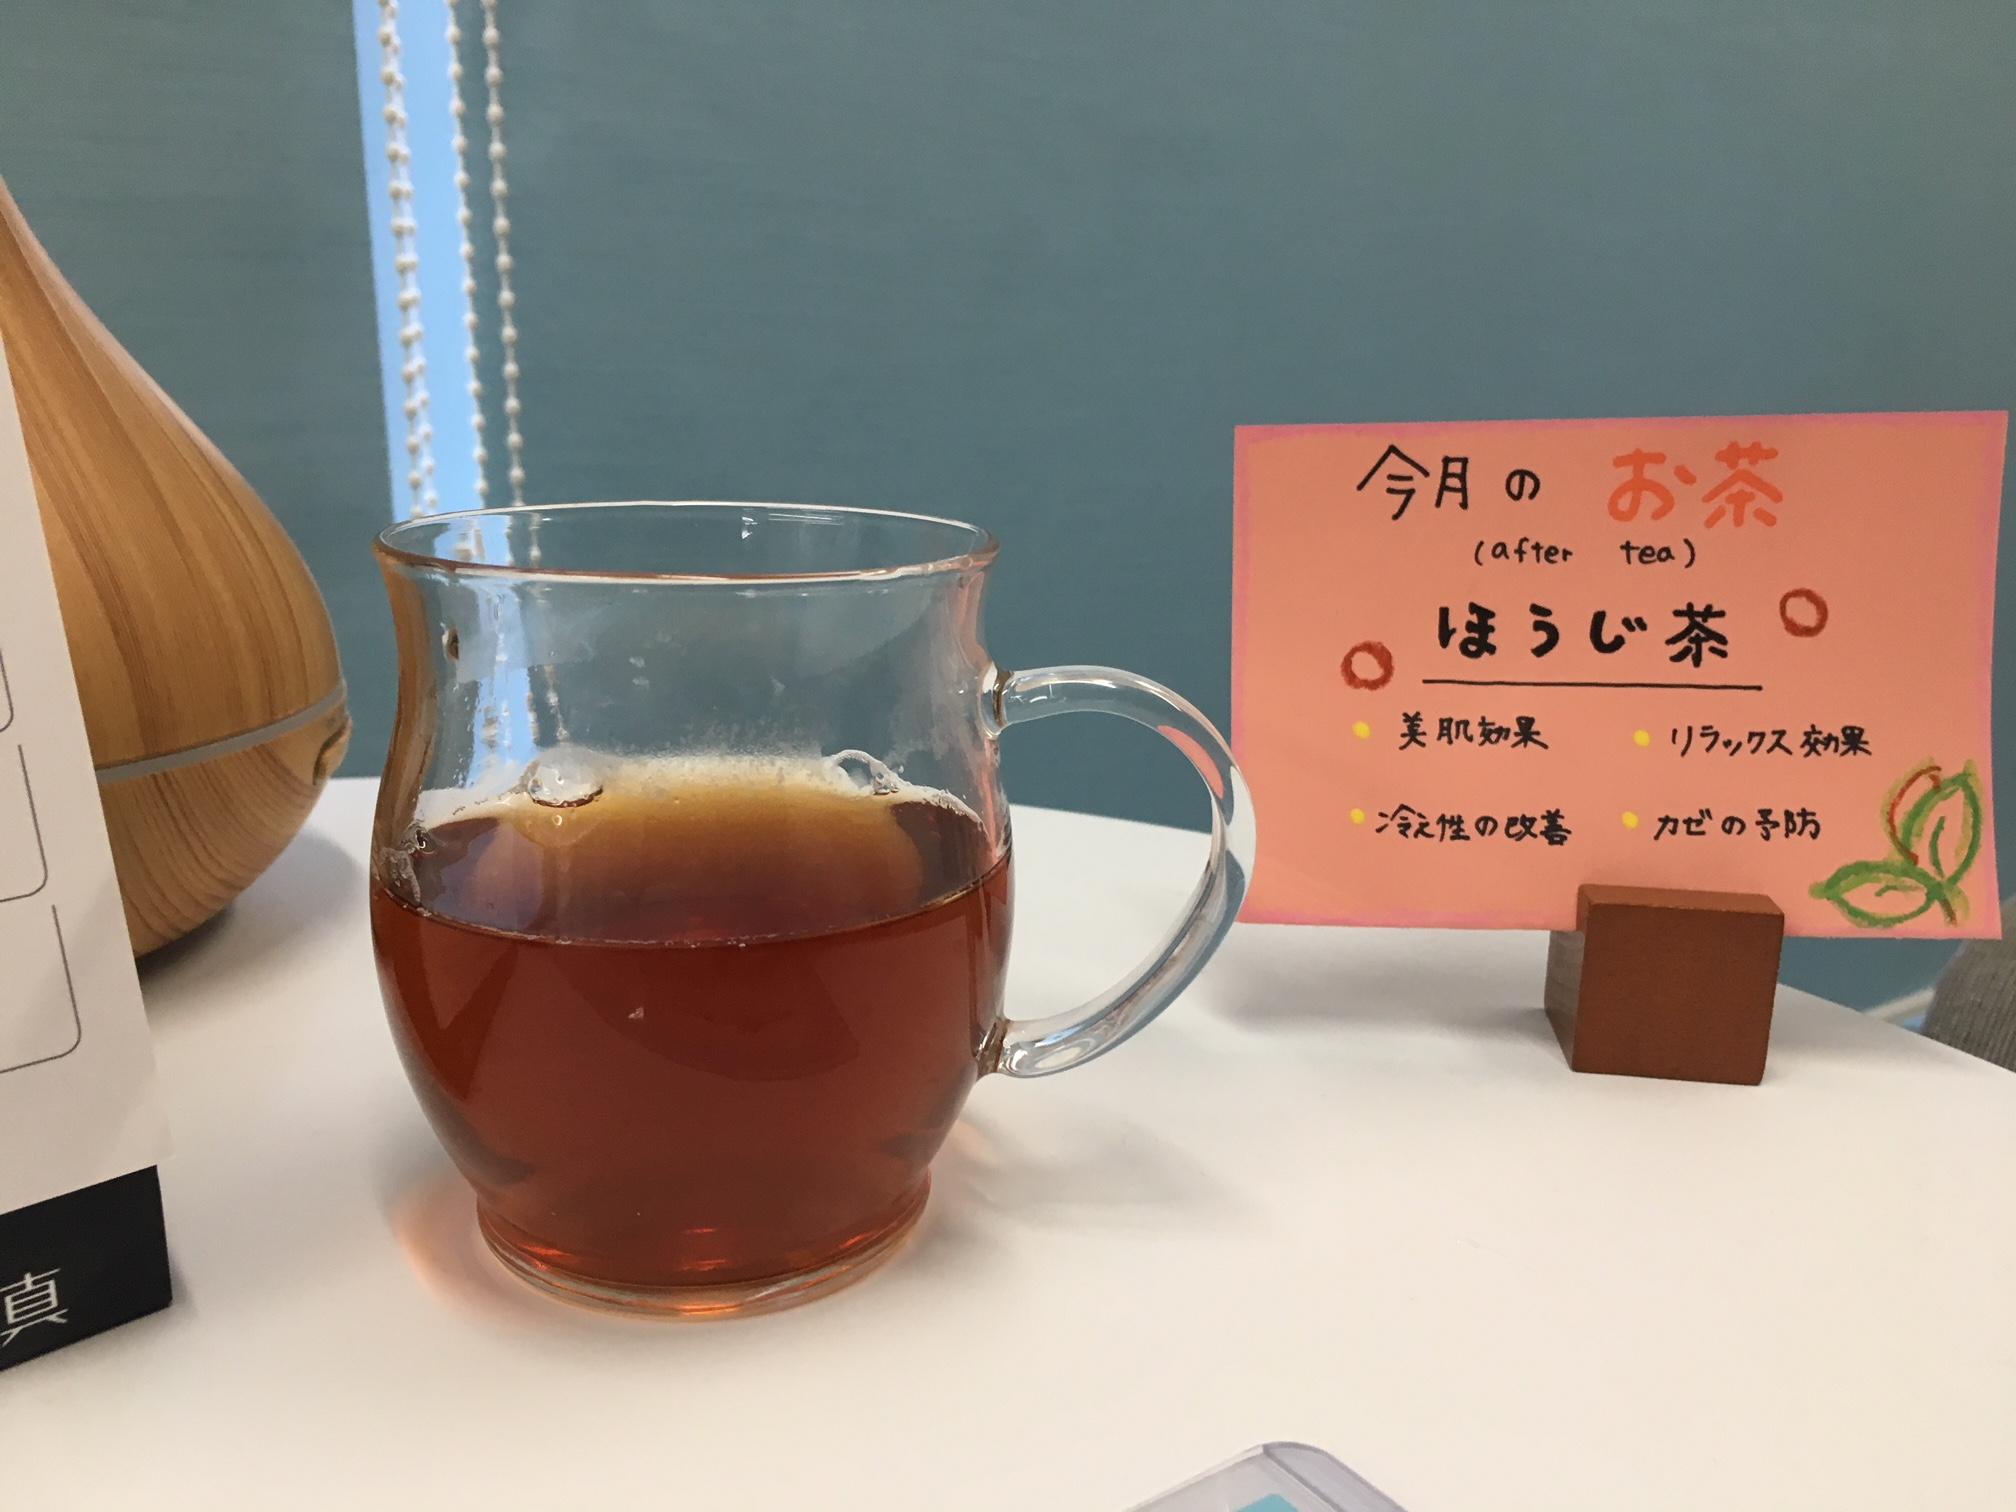 時期によって変わるアフターティ♪ 今月はほうじ茶(^_-)-☆